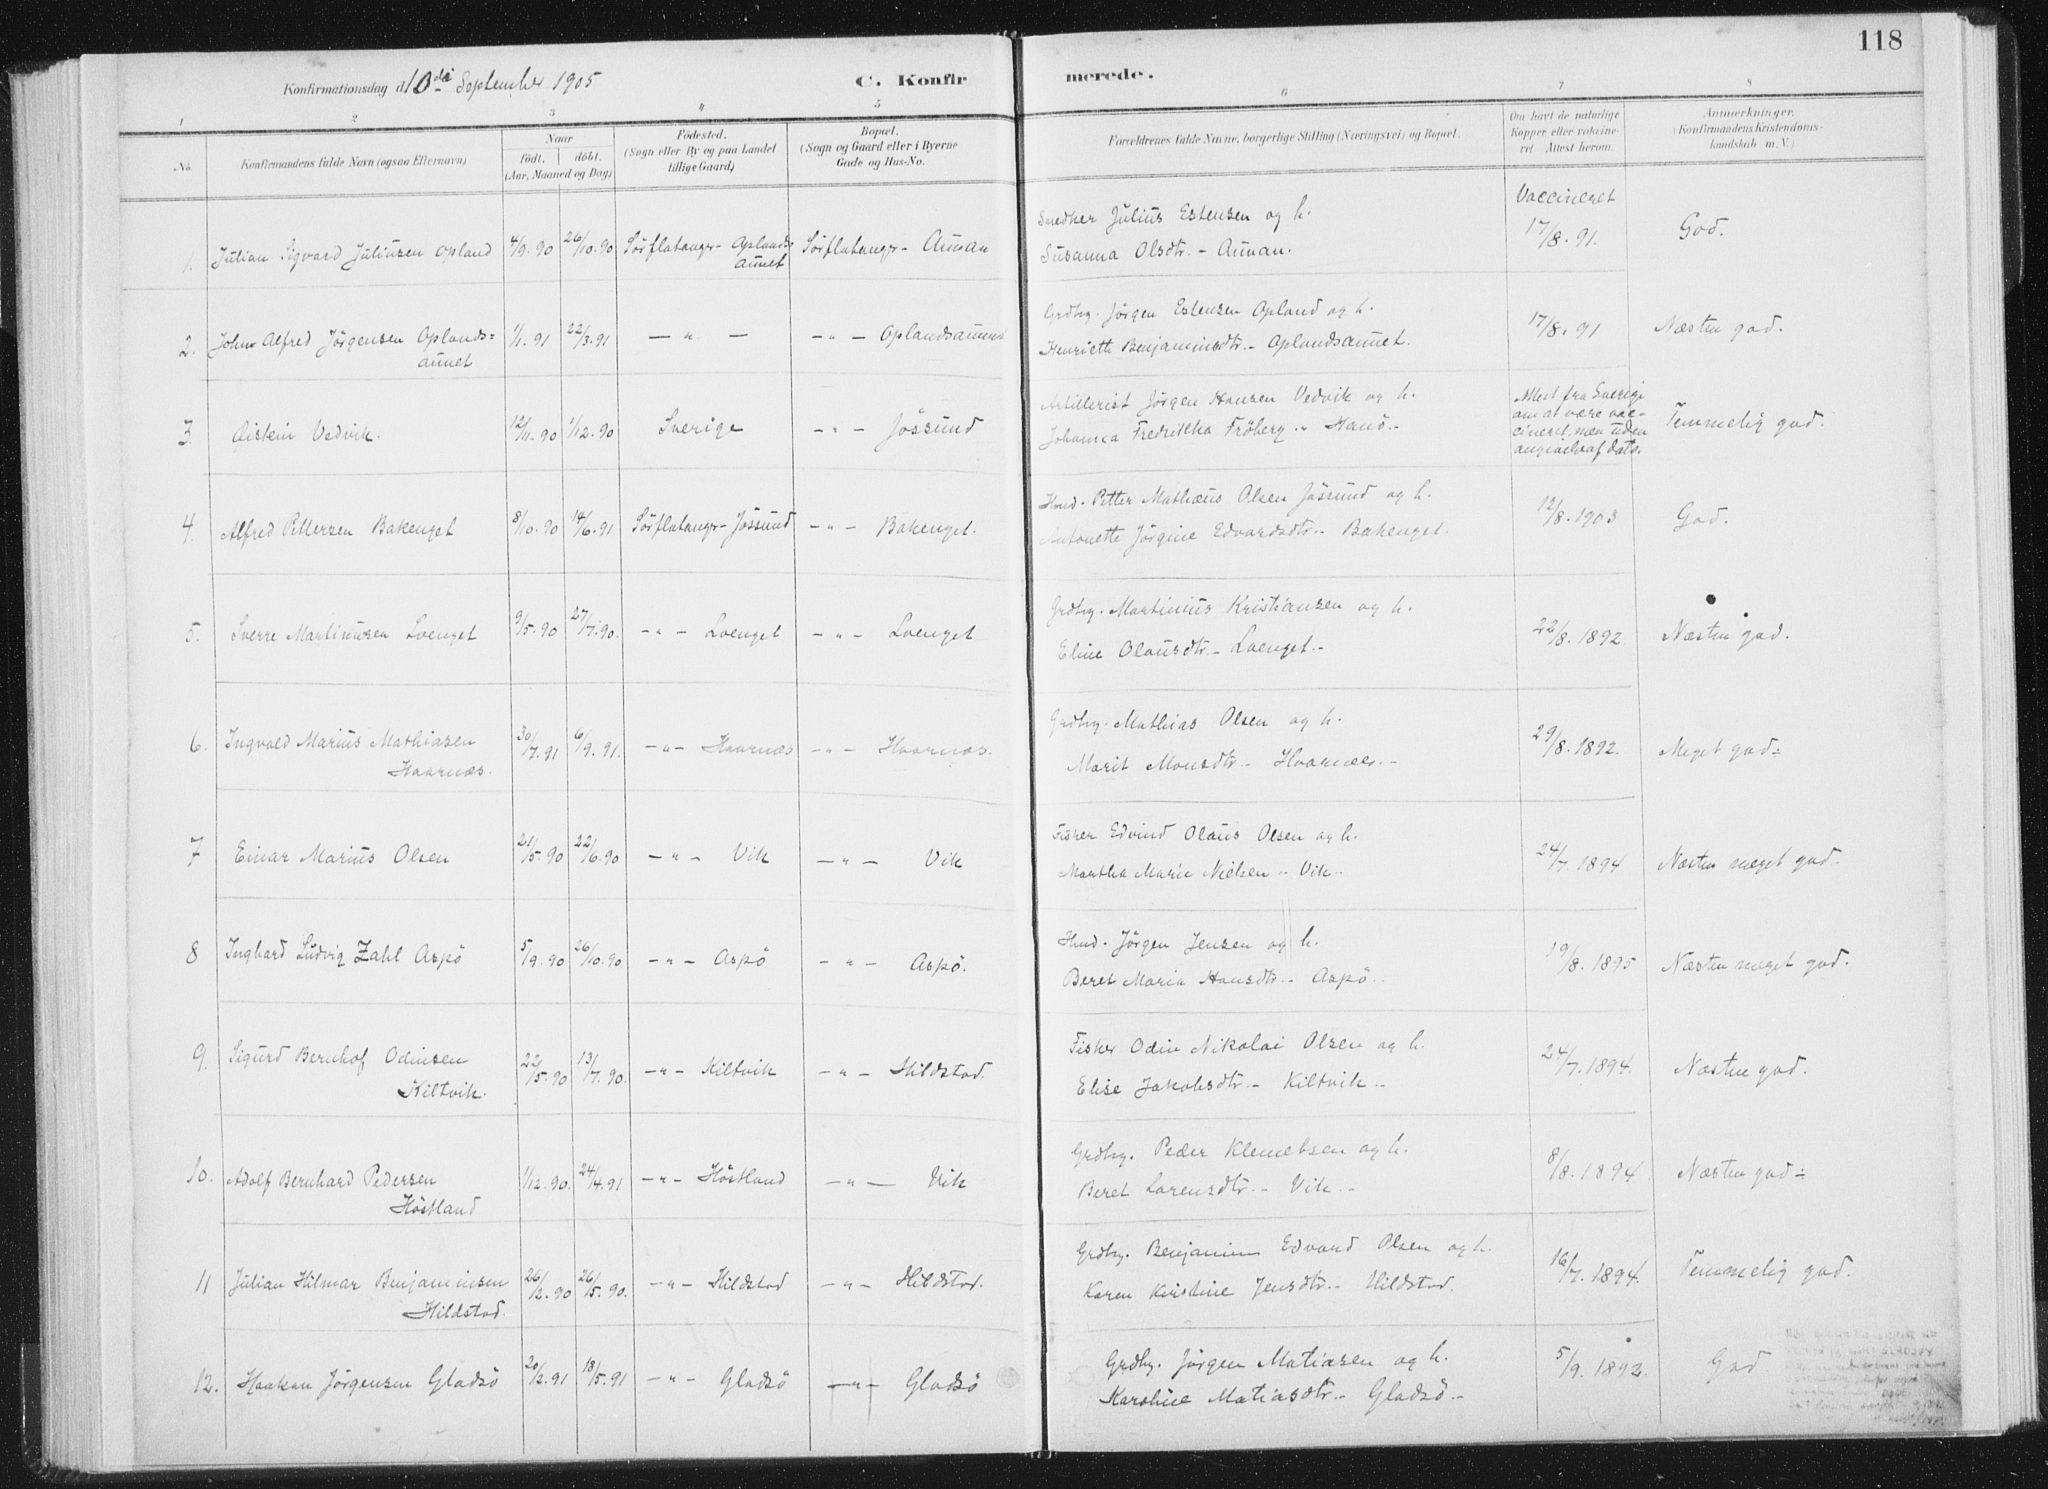 SAT, Ministerialprotokoller, klokkerbøker og fødselsregistre - Nord-Trøndelag, 771/L0597: Ministerialbok nr. 771A04, 1885-1910, s. 118